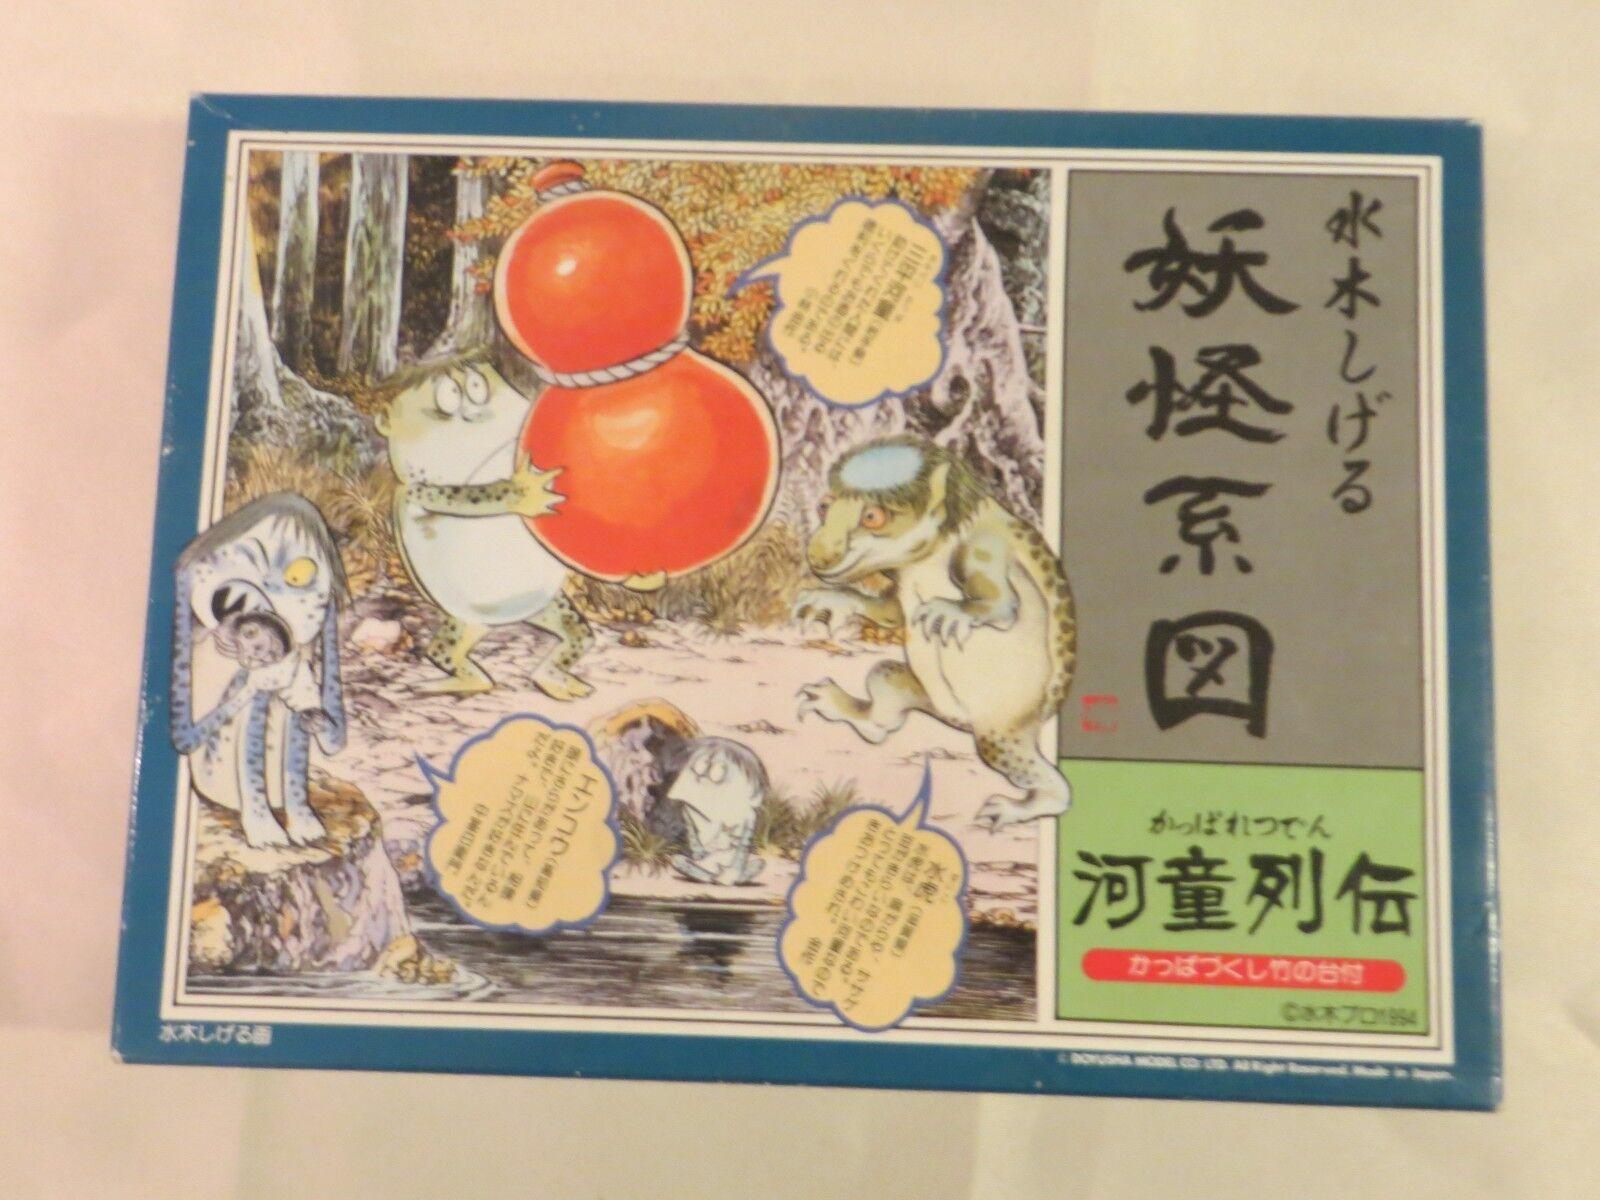 Mizuki Shigeru's Yokai Keizu Kappa Retsuden DOYUSHA MODEL KIT